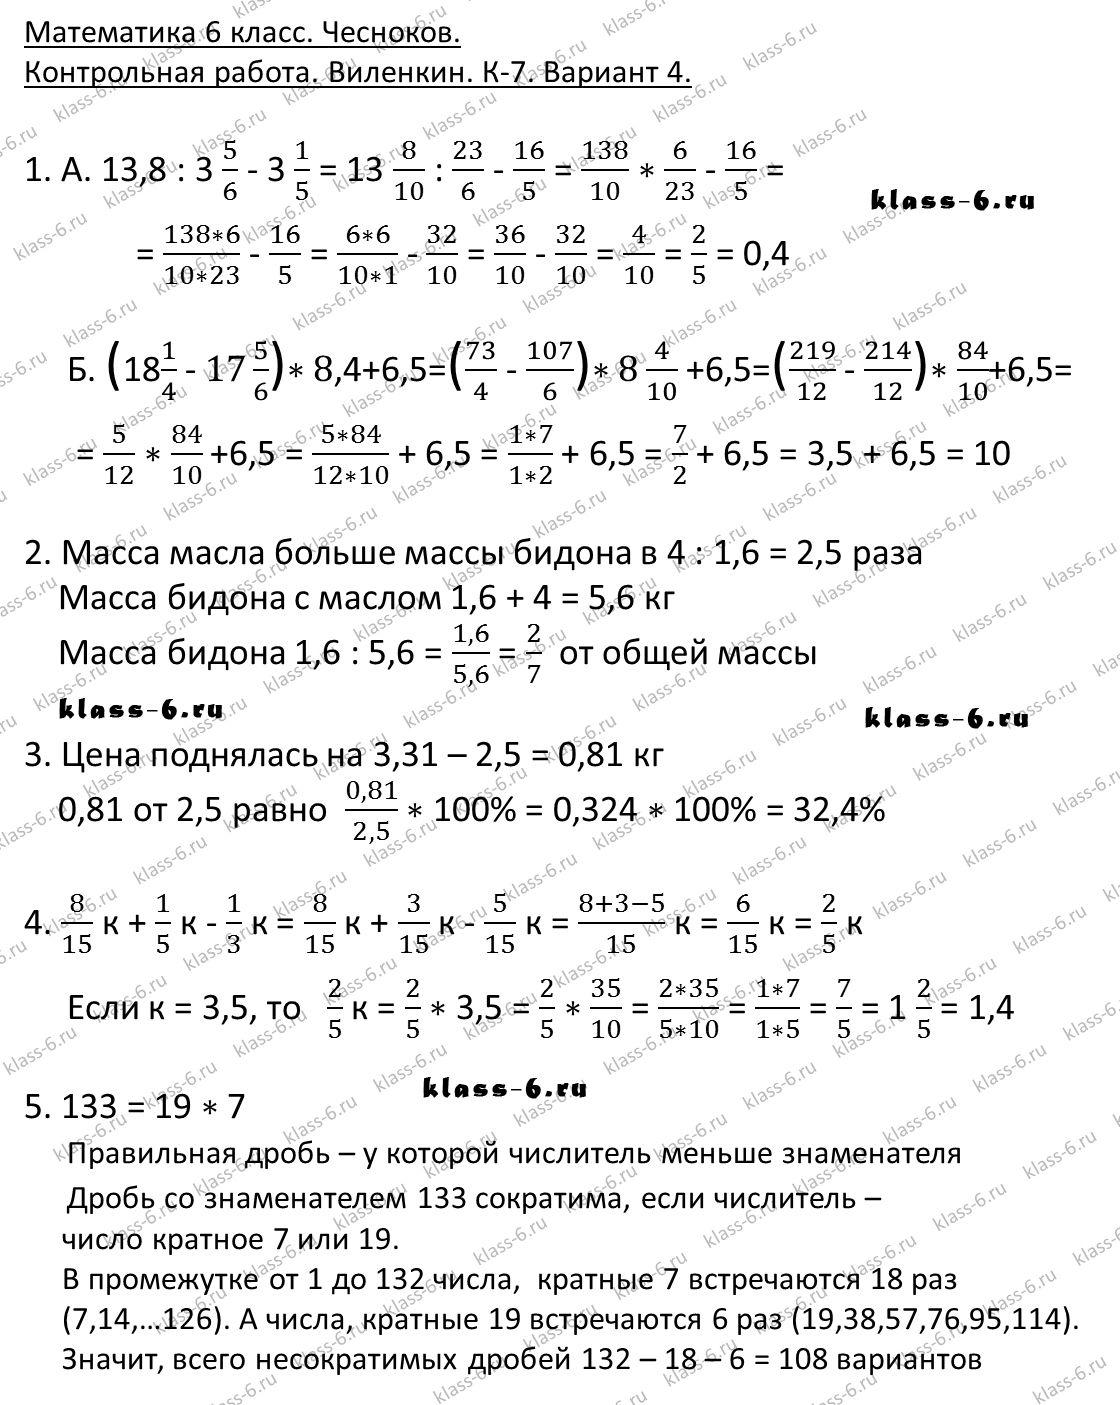 Гдз по математике 8 класса вспомогательной школы в.в.эк